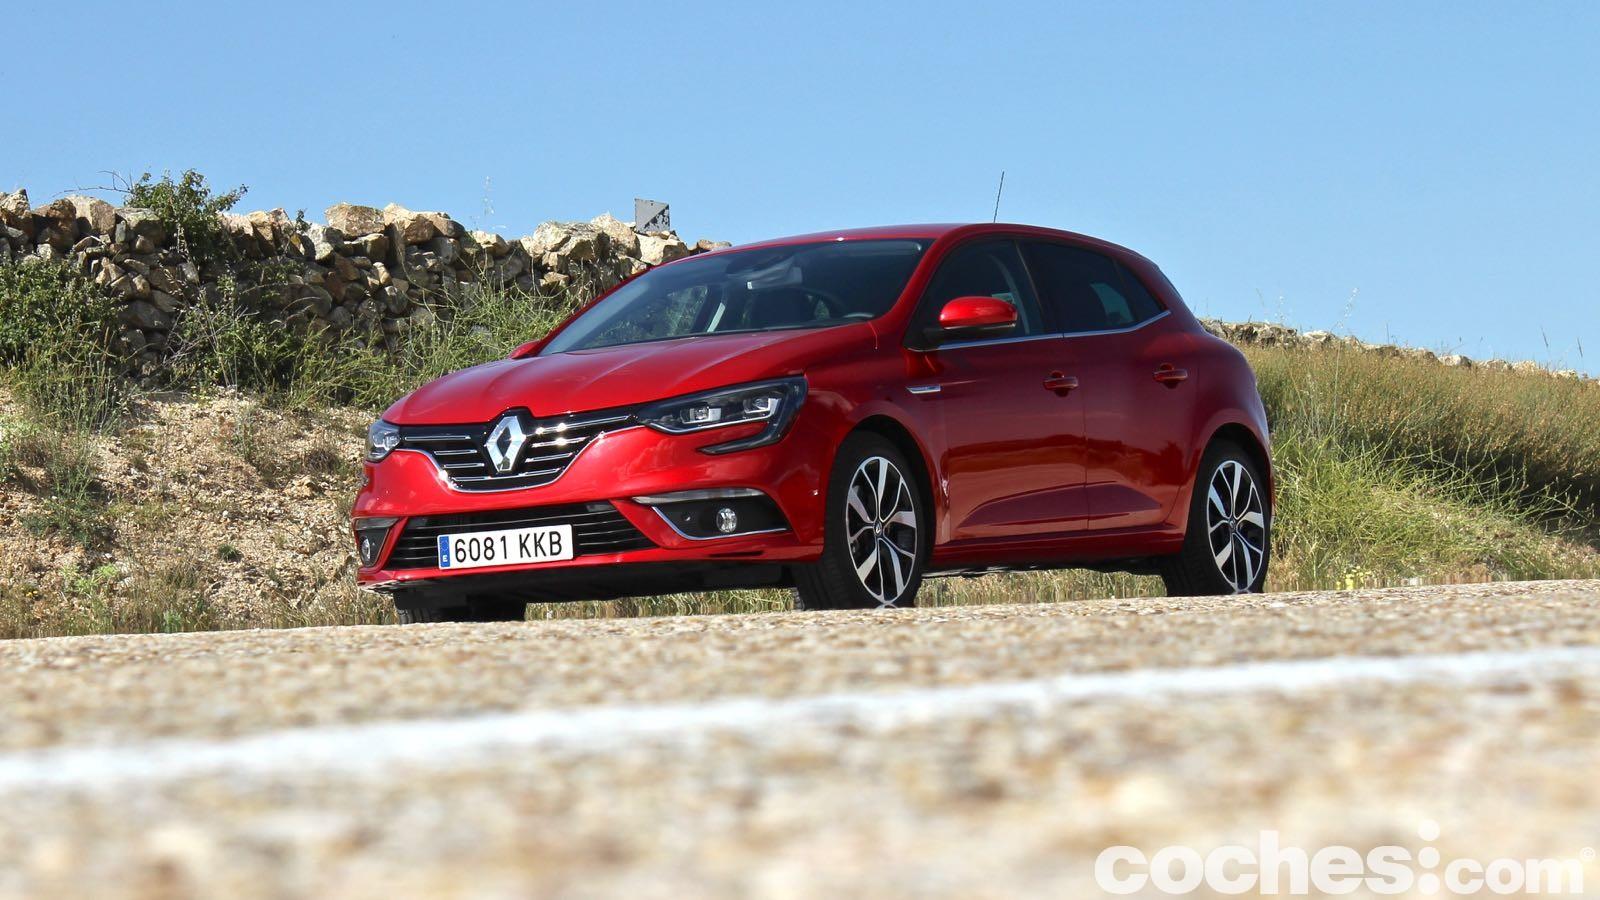 Renault Megane 130 dCi prueba – 10